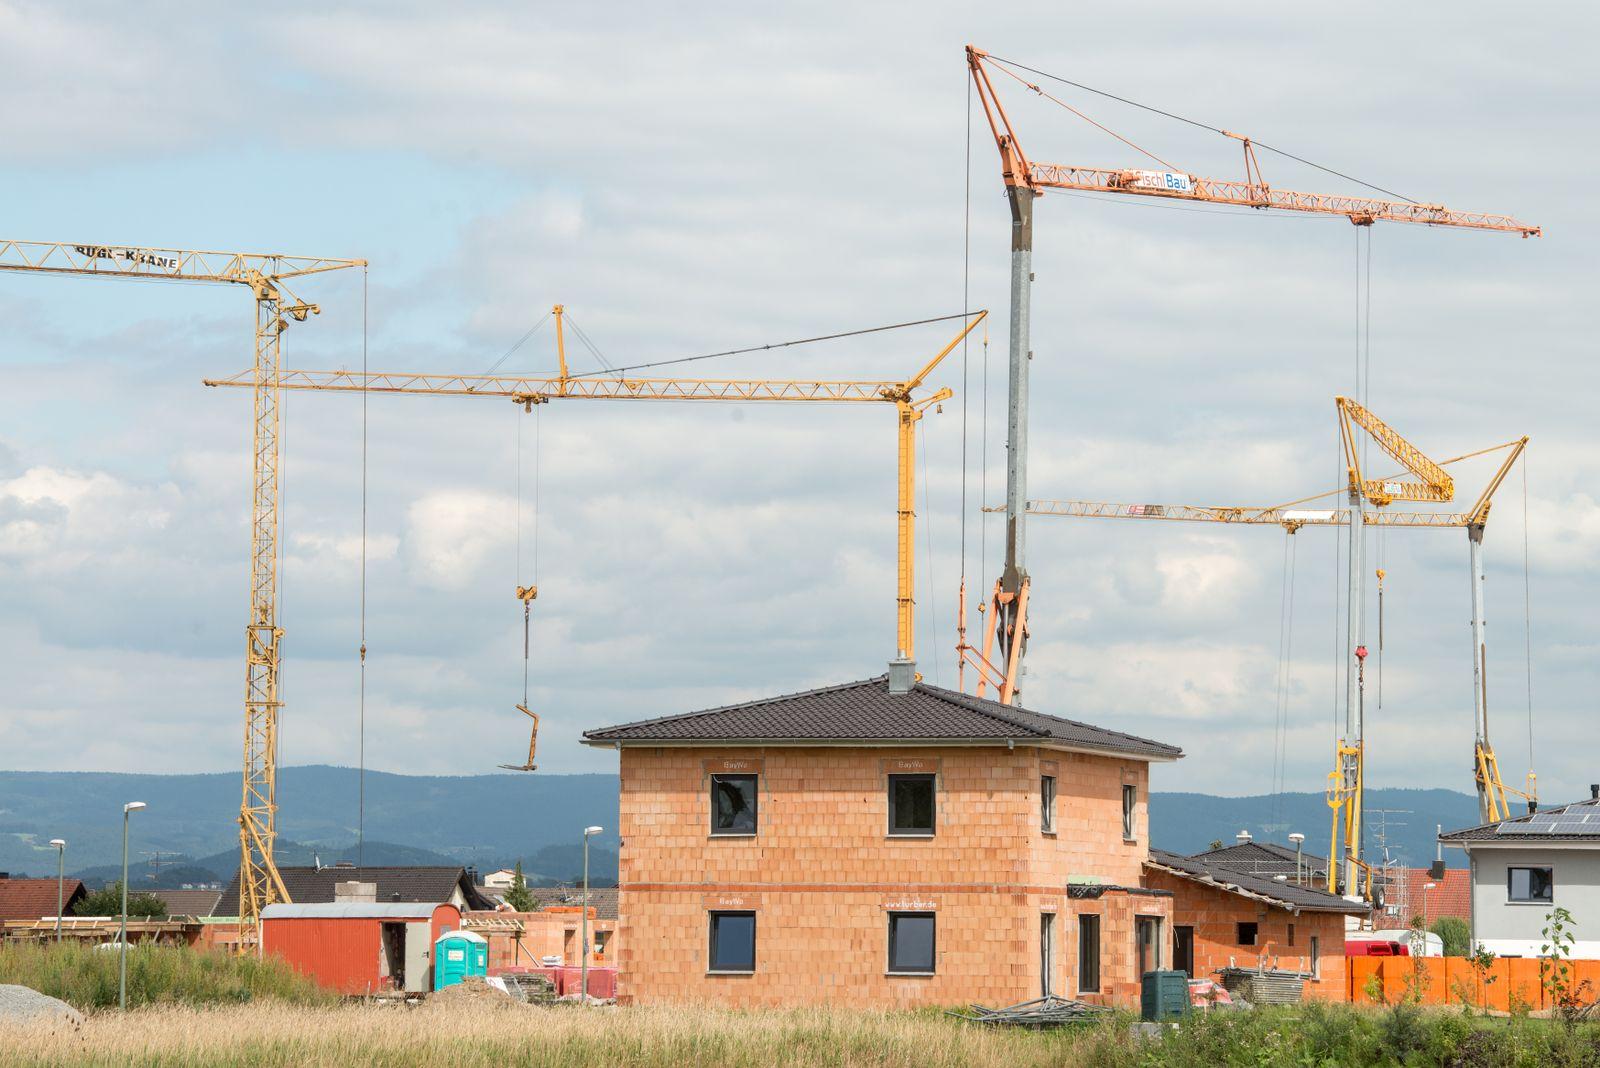 Hausbau / Immobilie / Baustelle / Kran